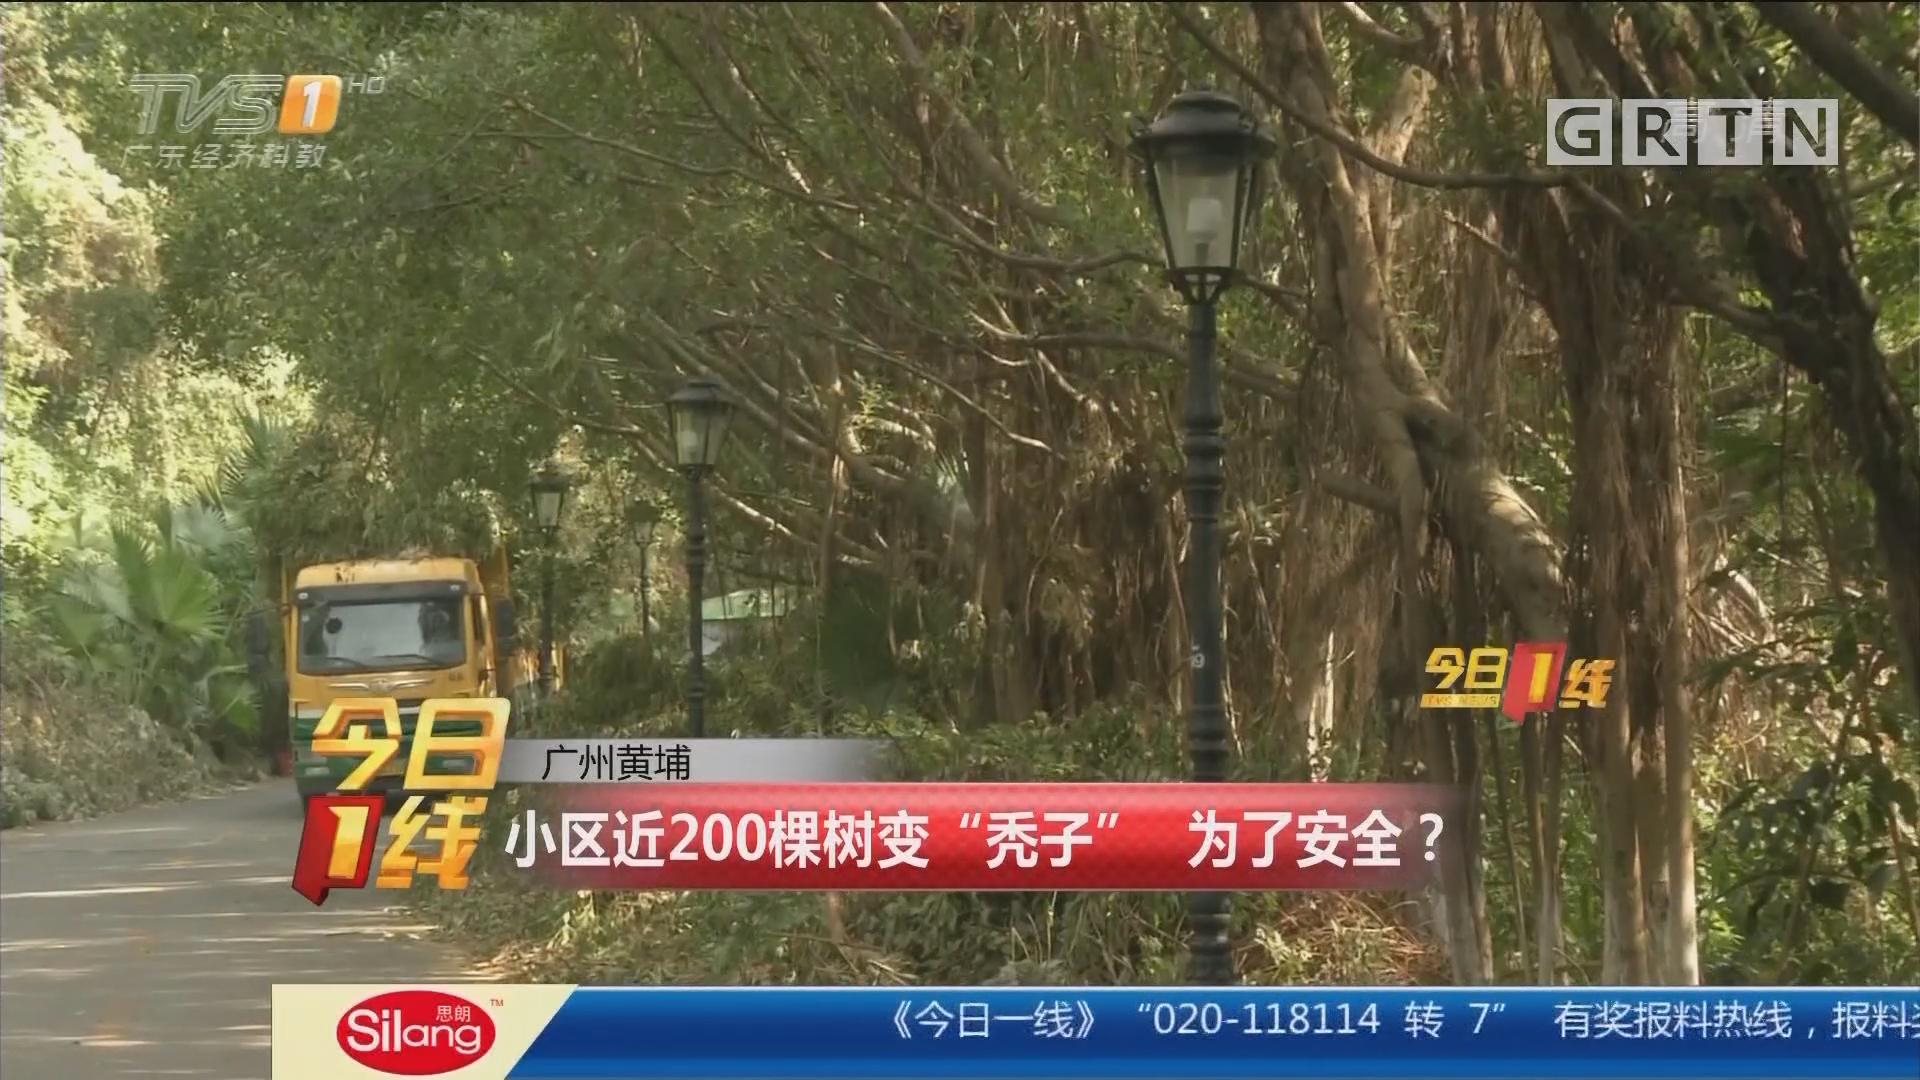 """广州黄埔:小区近200棵树变""""秃子"""" 为了安全?"""